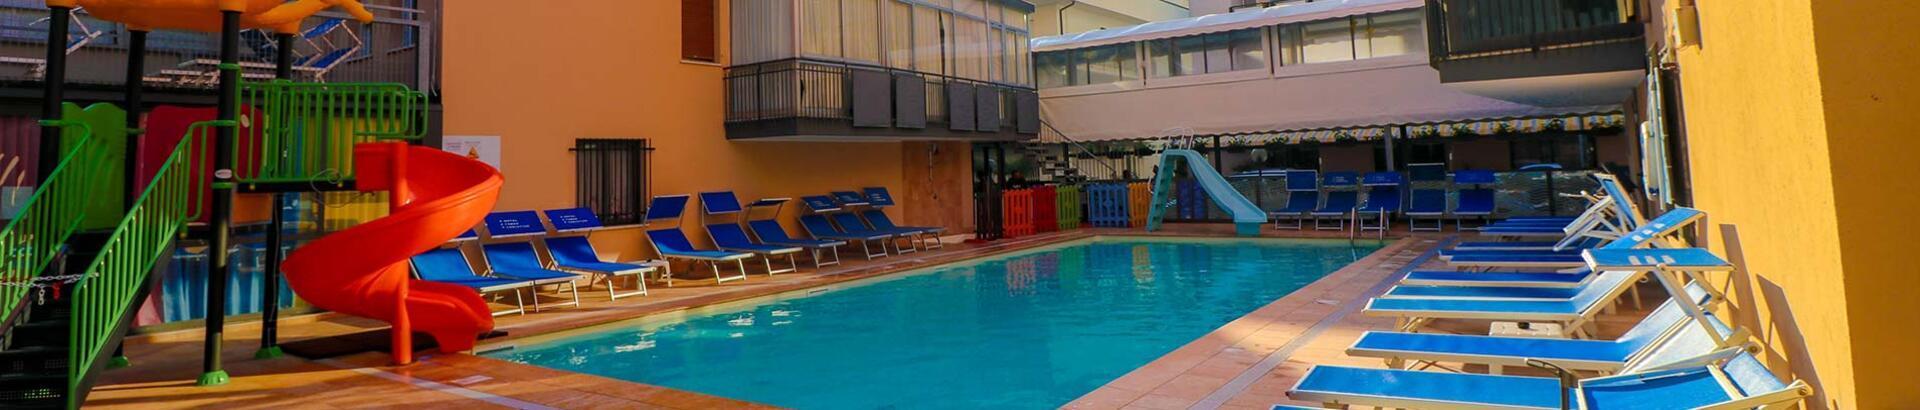 hotelchristianrimini it con-piscina 013